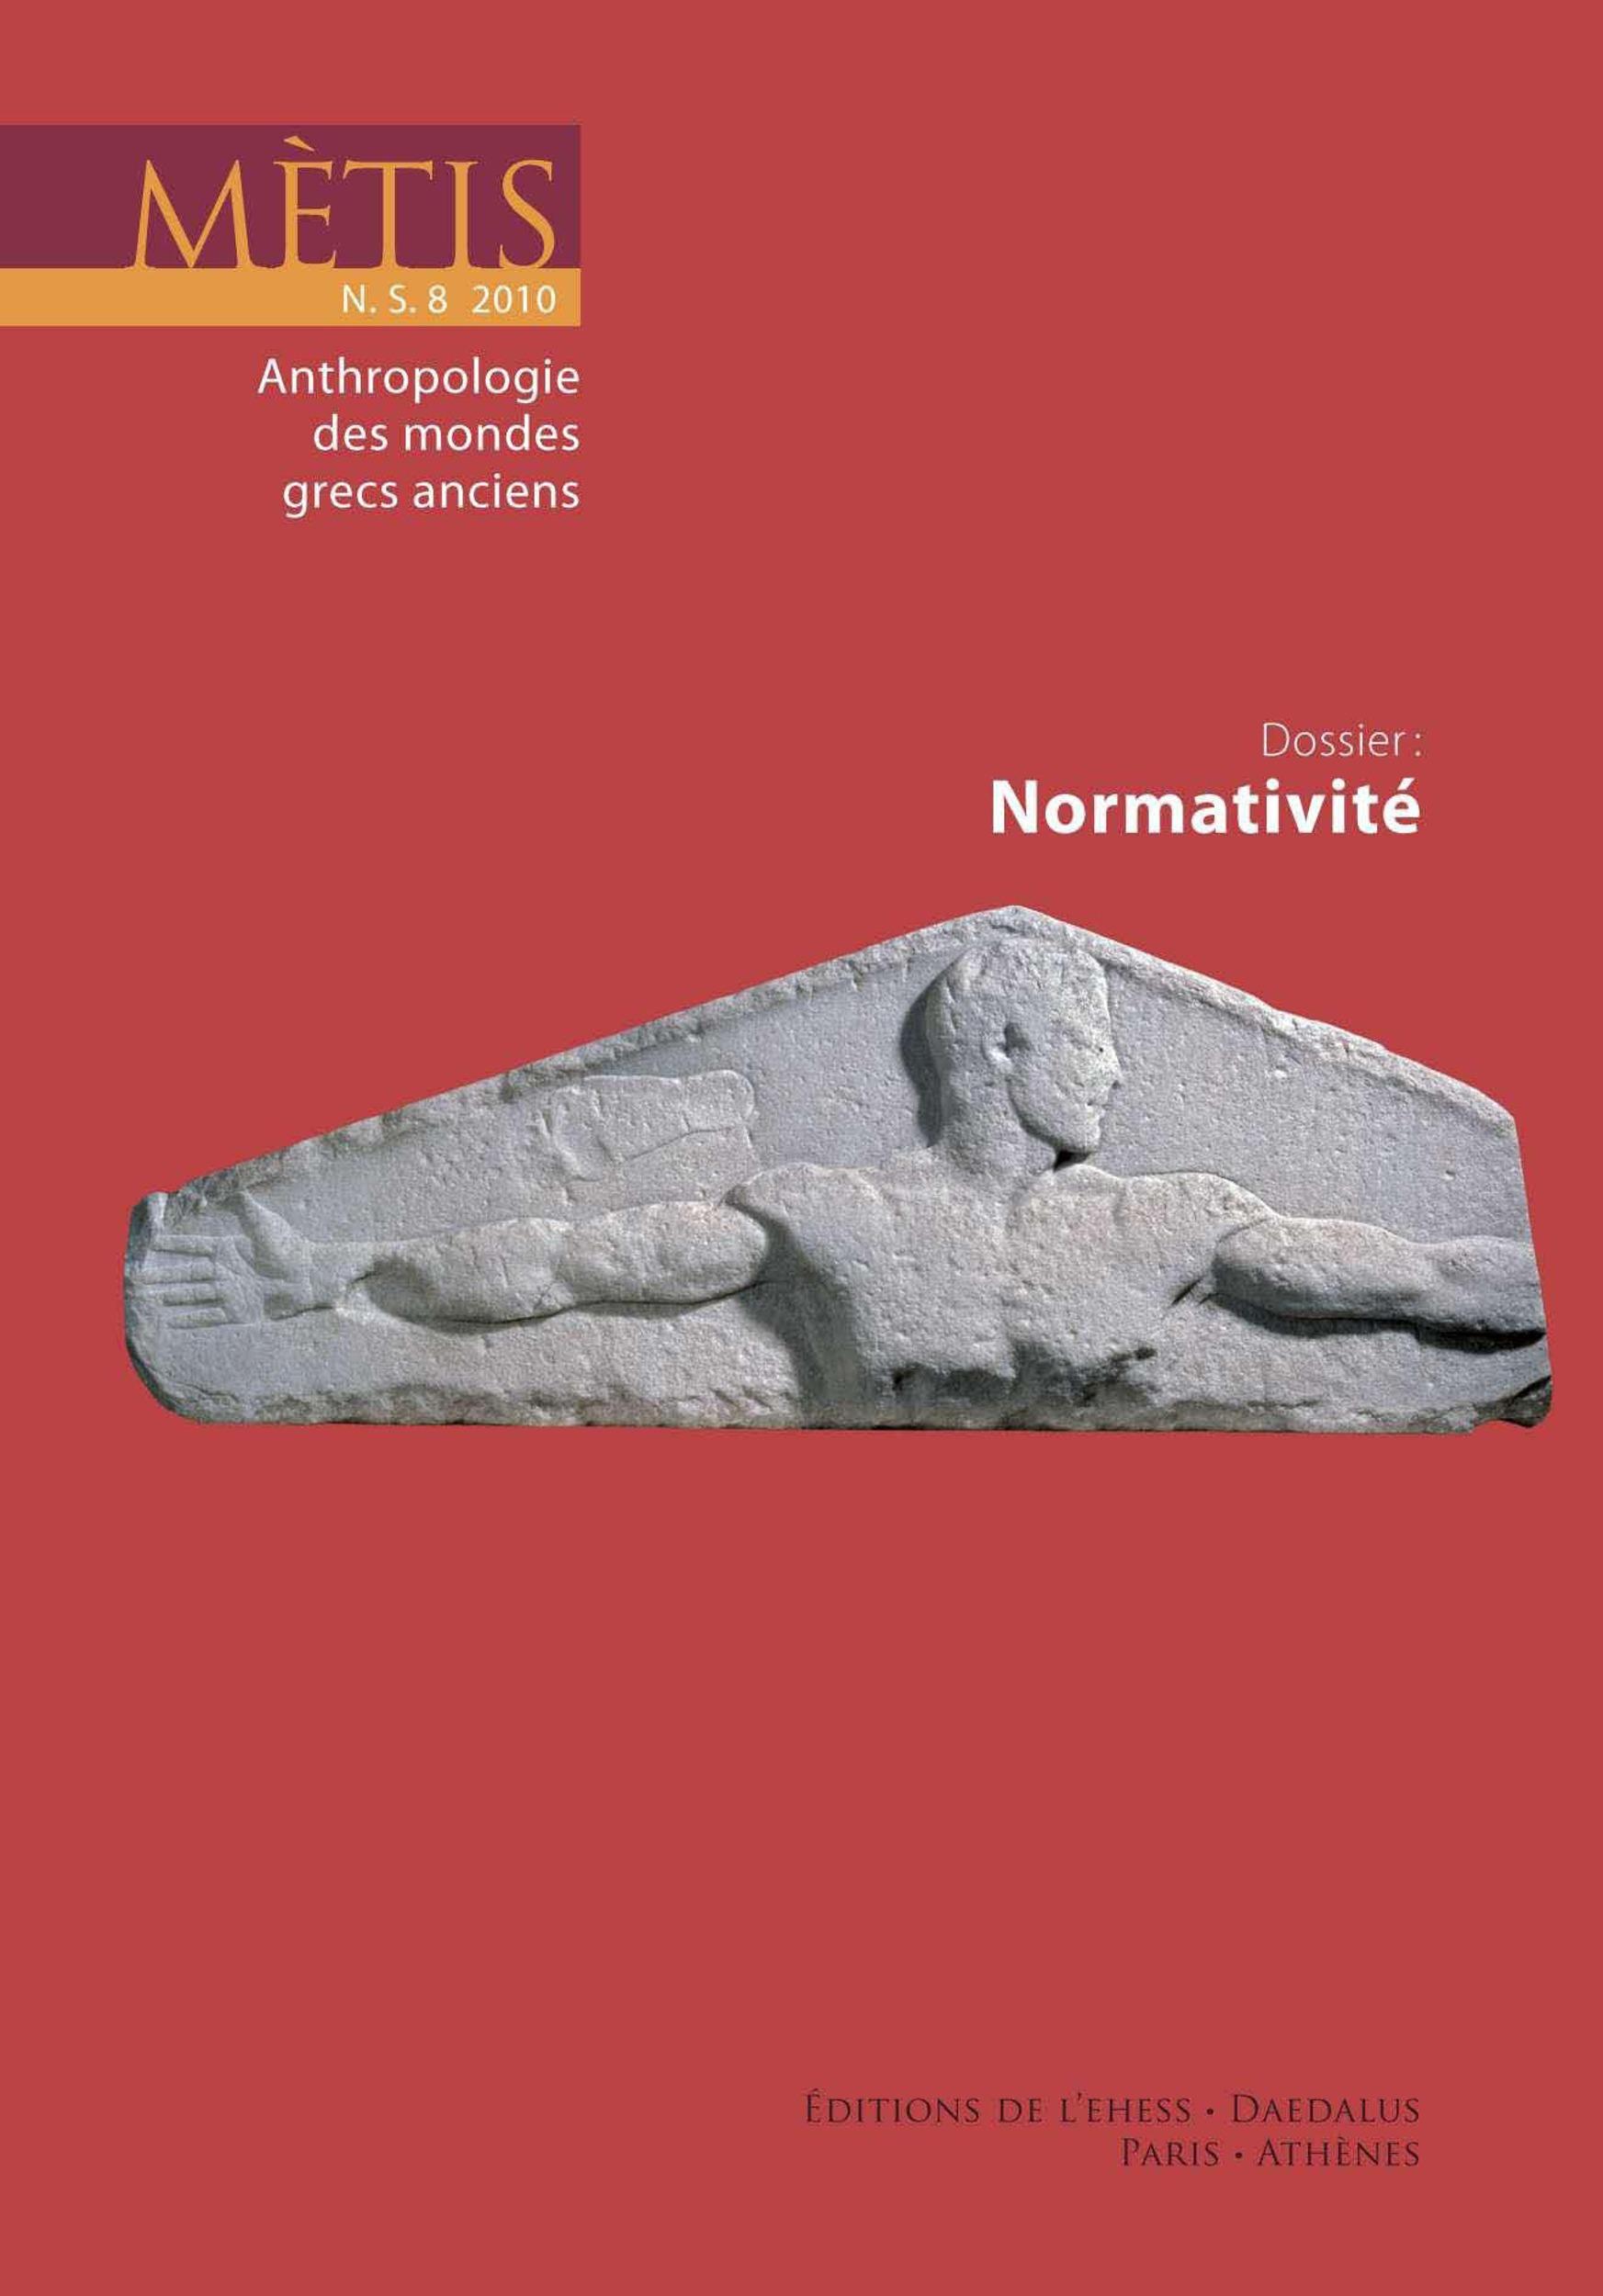 Dossier : Normativité